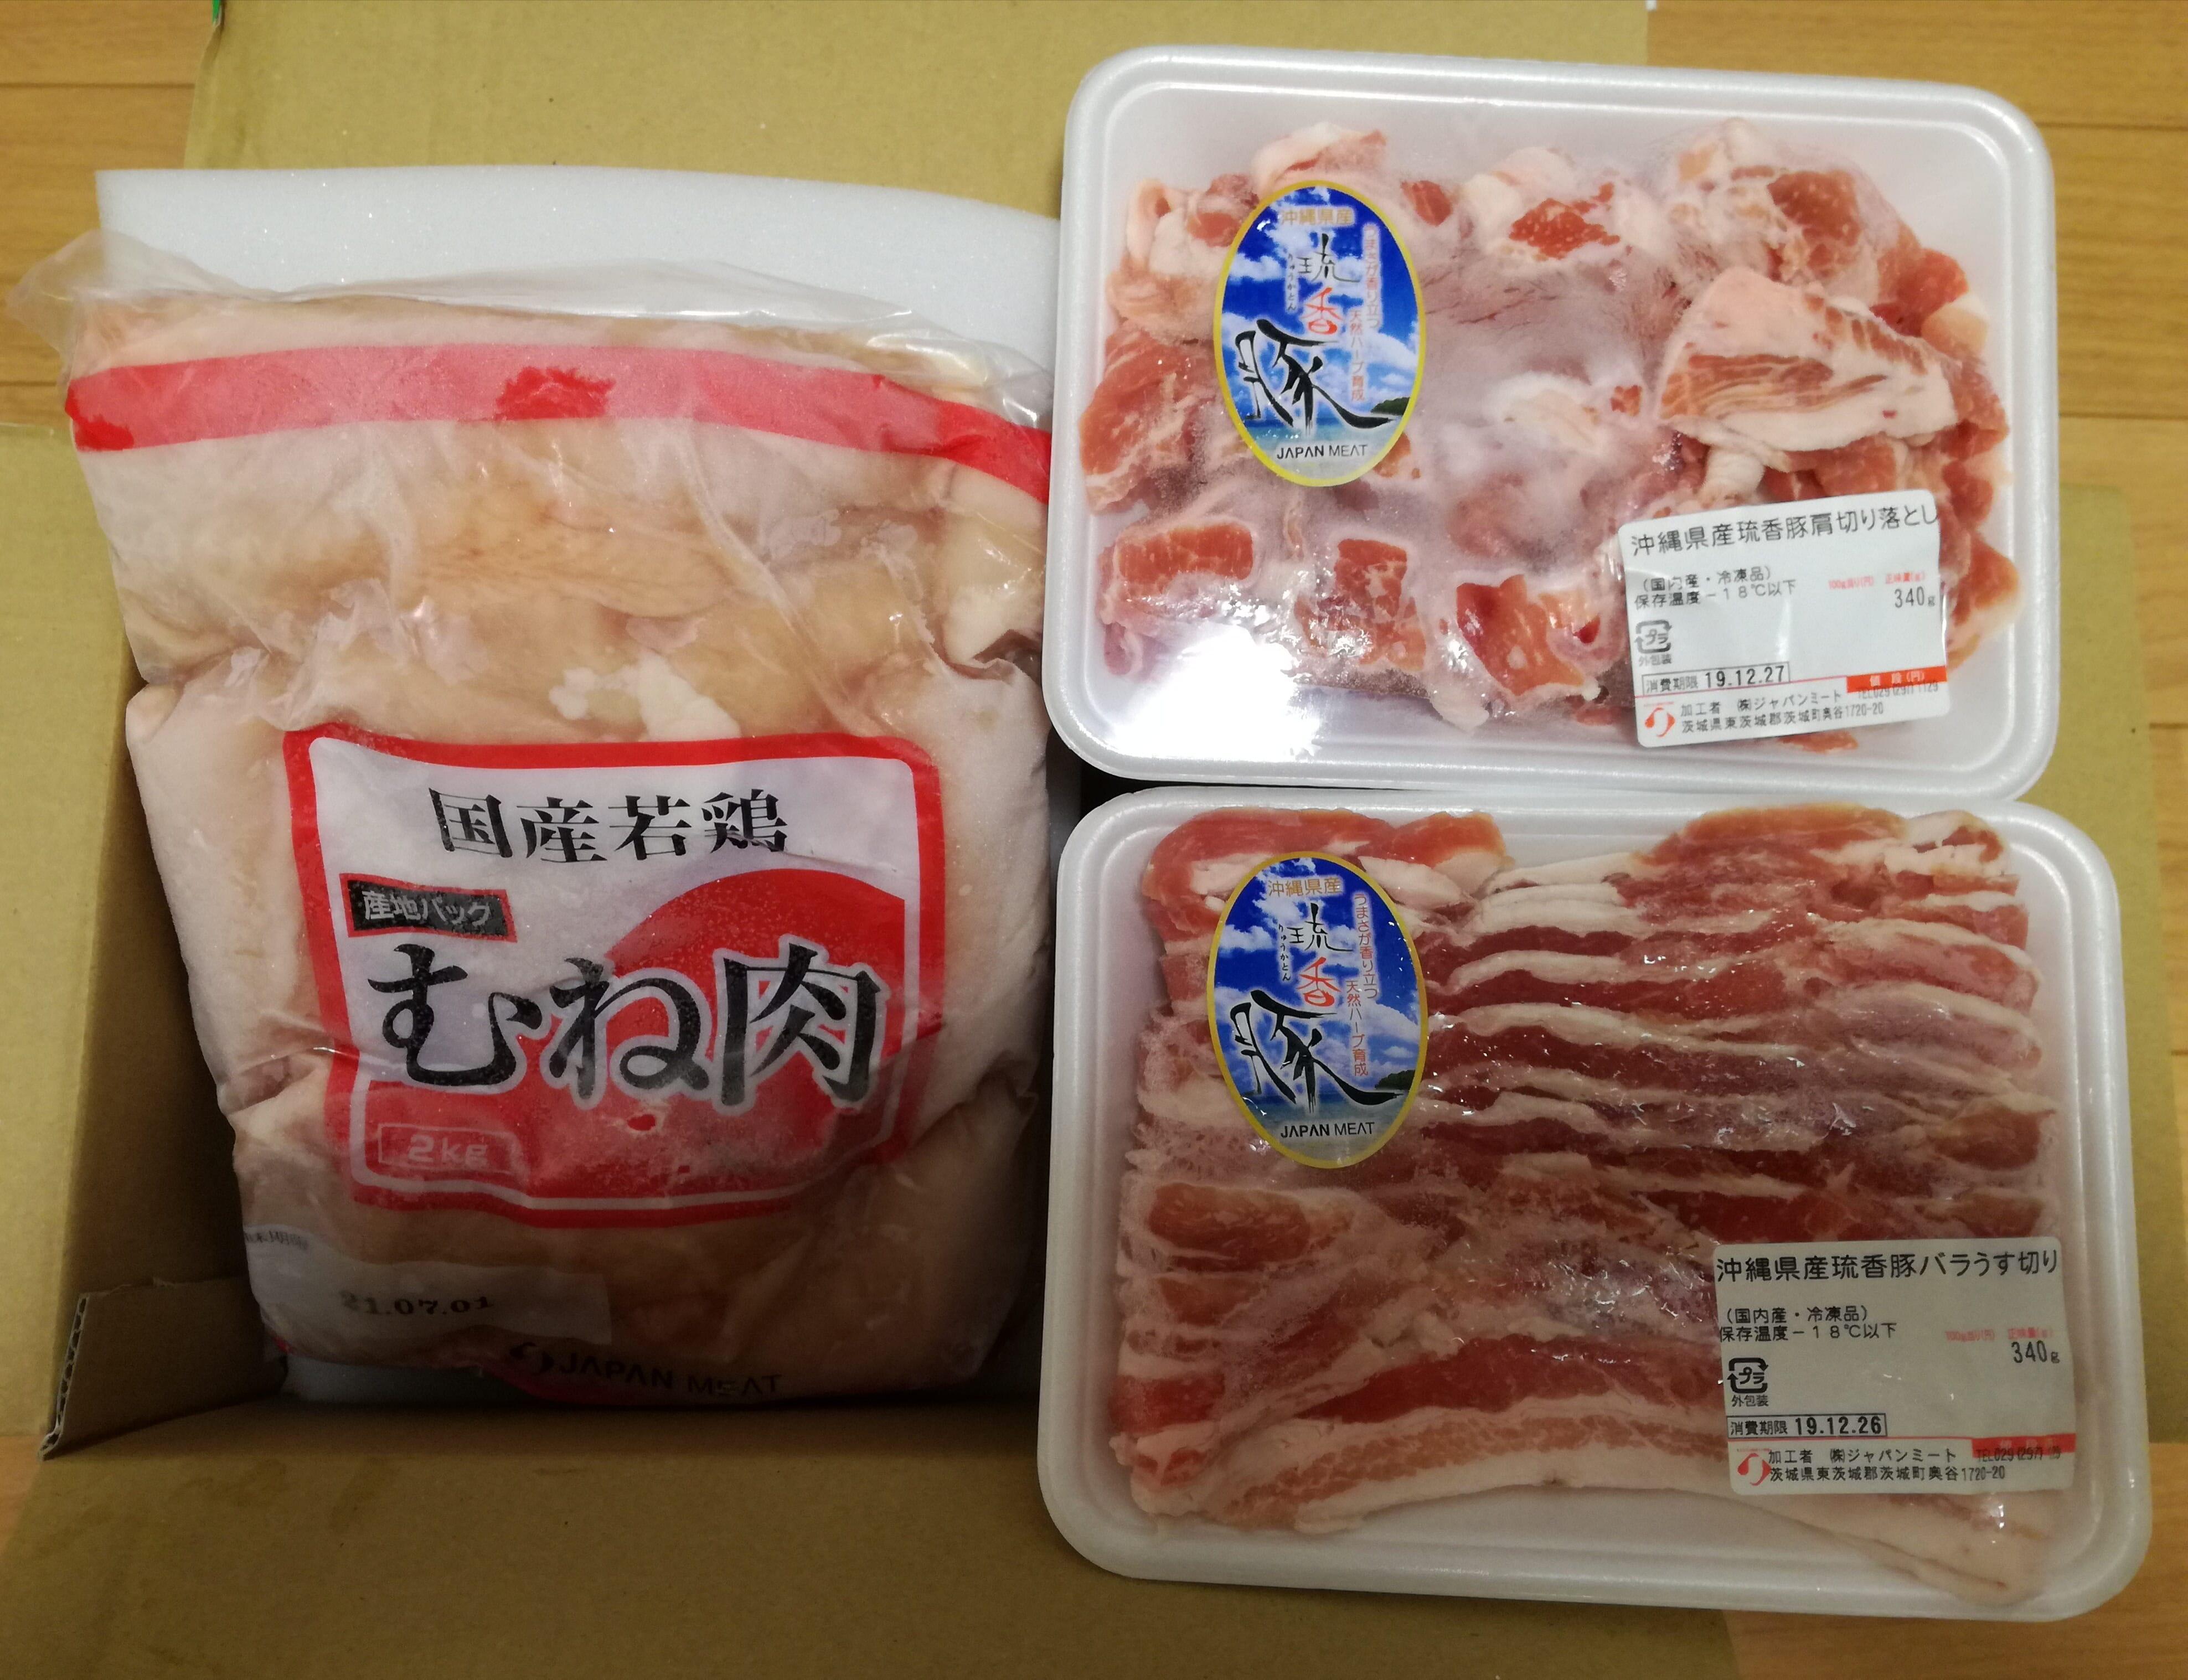 夫婦仲が険悪になる?ジャパンミート(3539)から株主優待の噂のムネ肉2kgが到着!